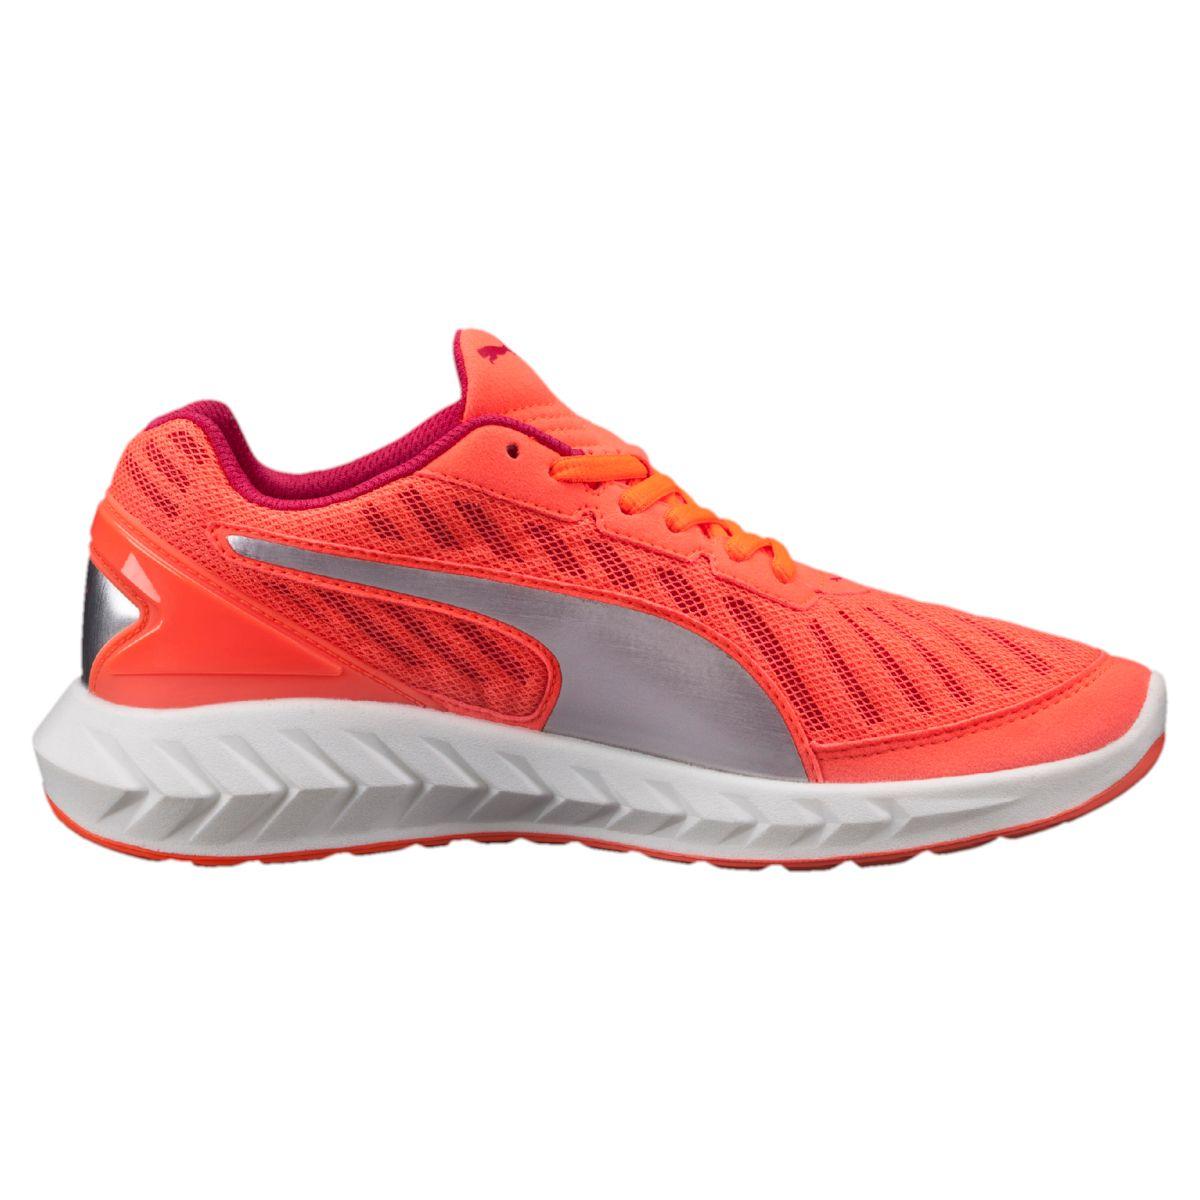 Nike Squash Shoes Ladies